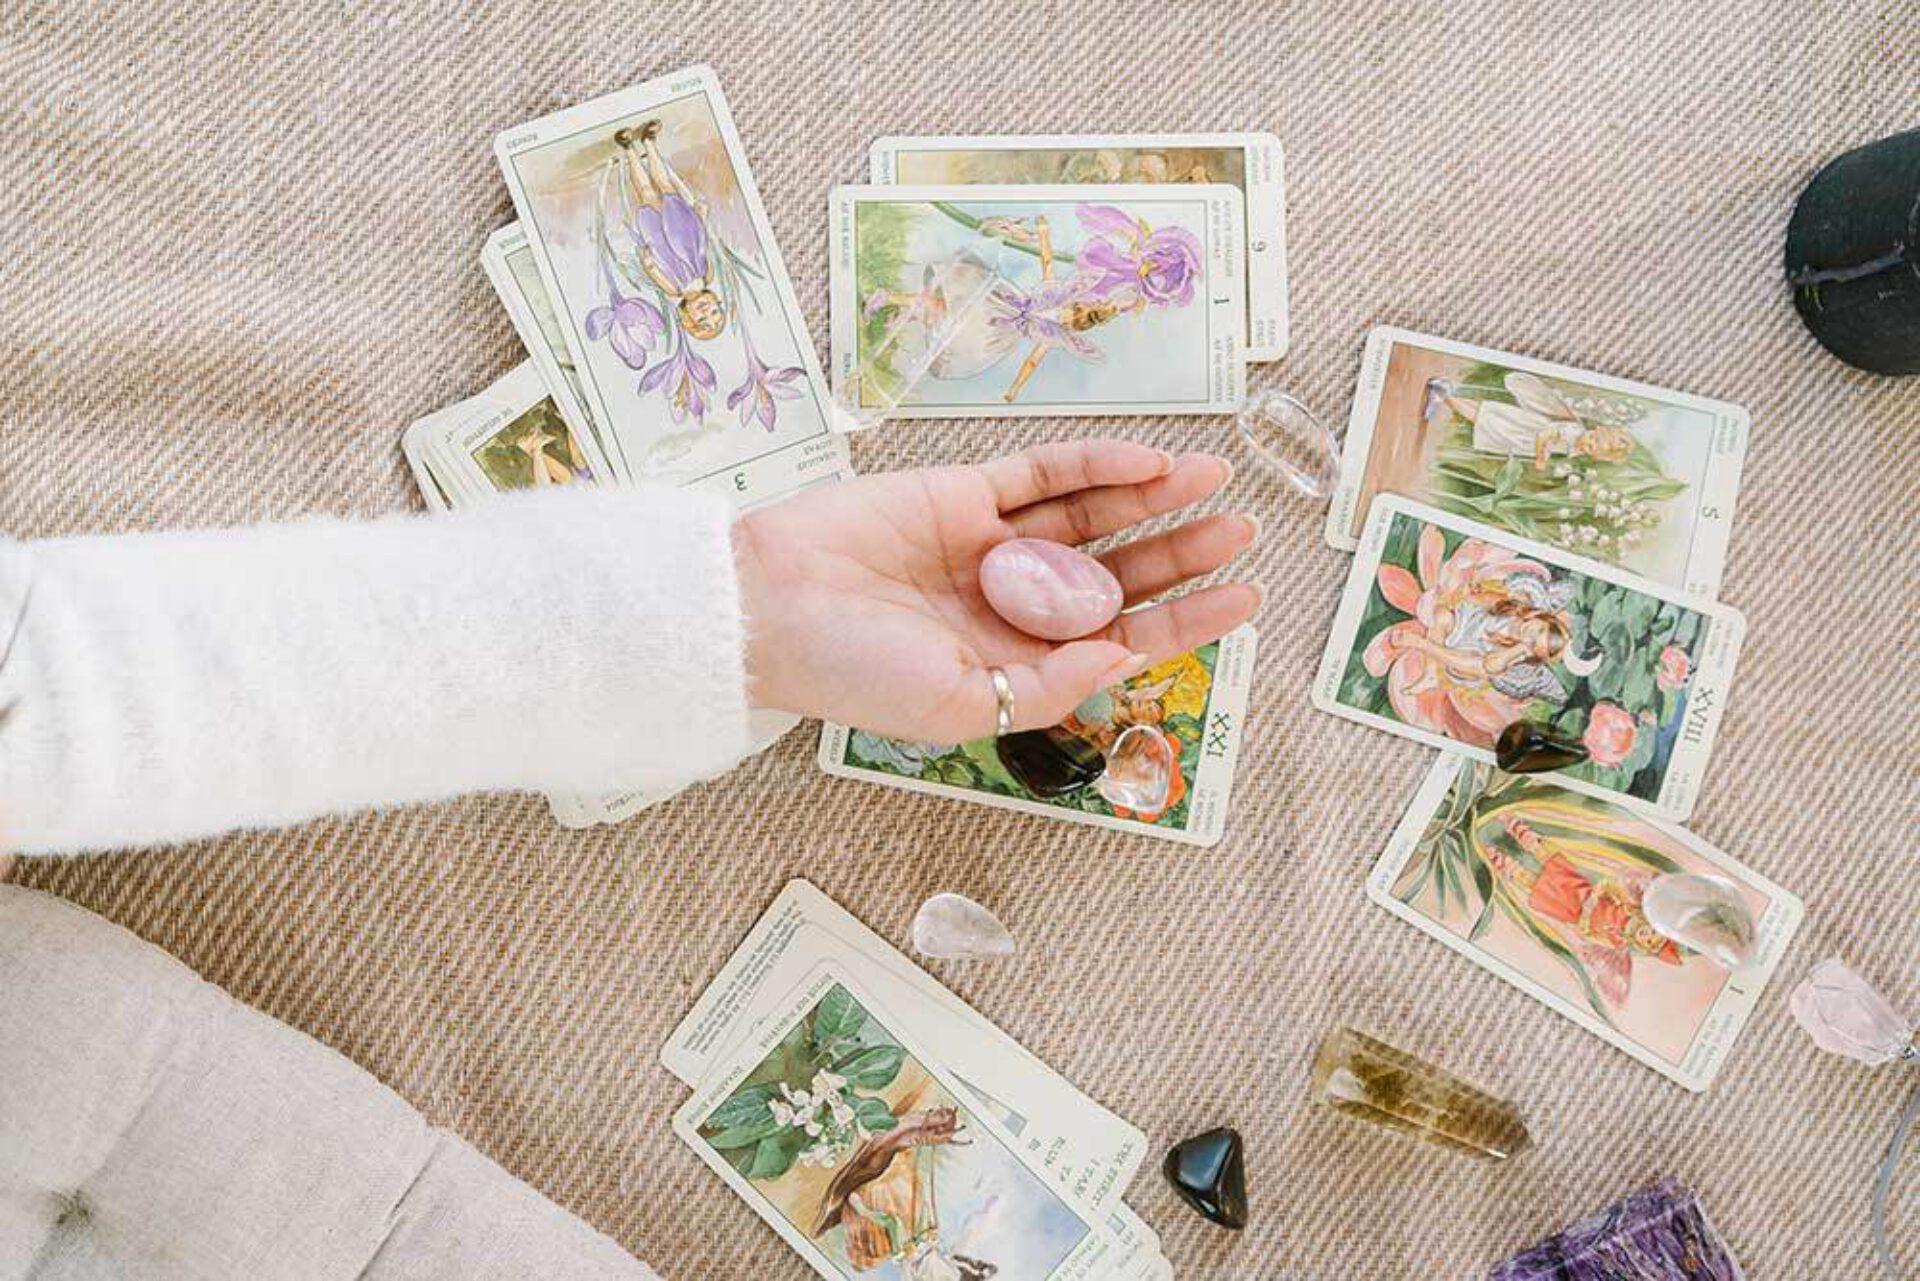 De perfecte tarot reading: 5 manieren om je tarotkaarten te reinigen